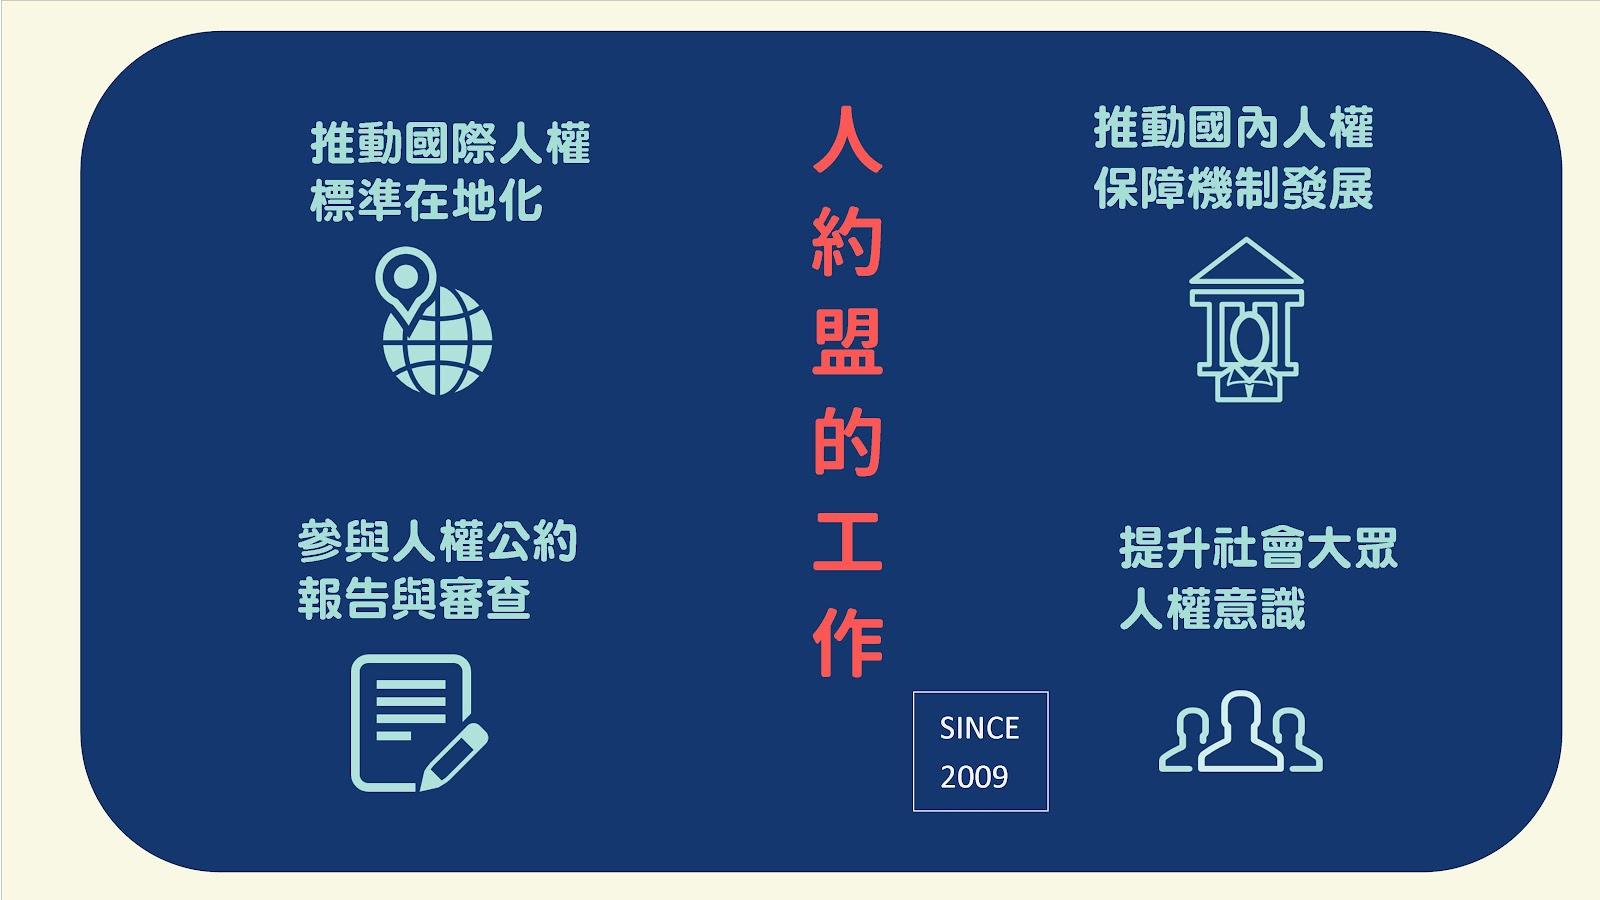 人約盟2016工作報告003.jpg